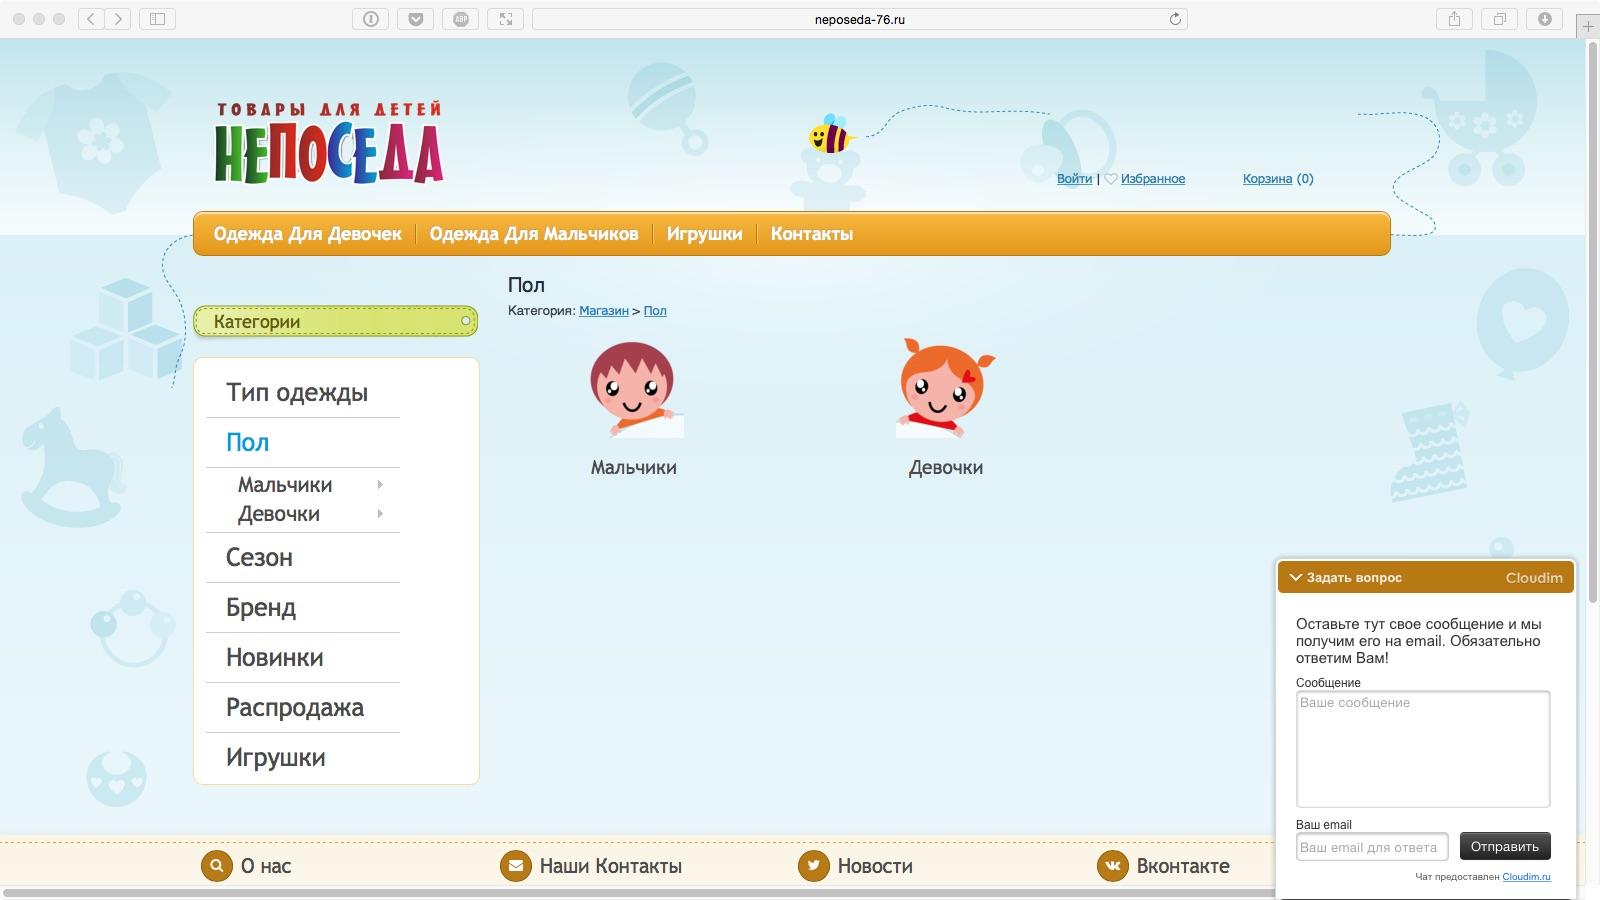 Regional online-store: neposeda-76.ru